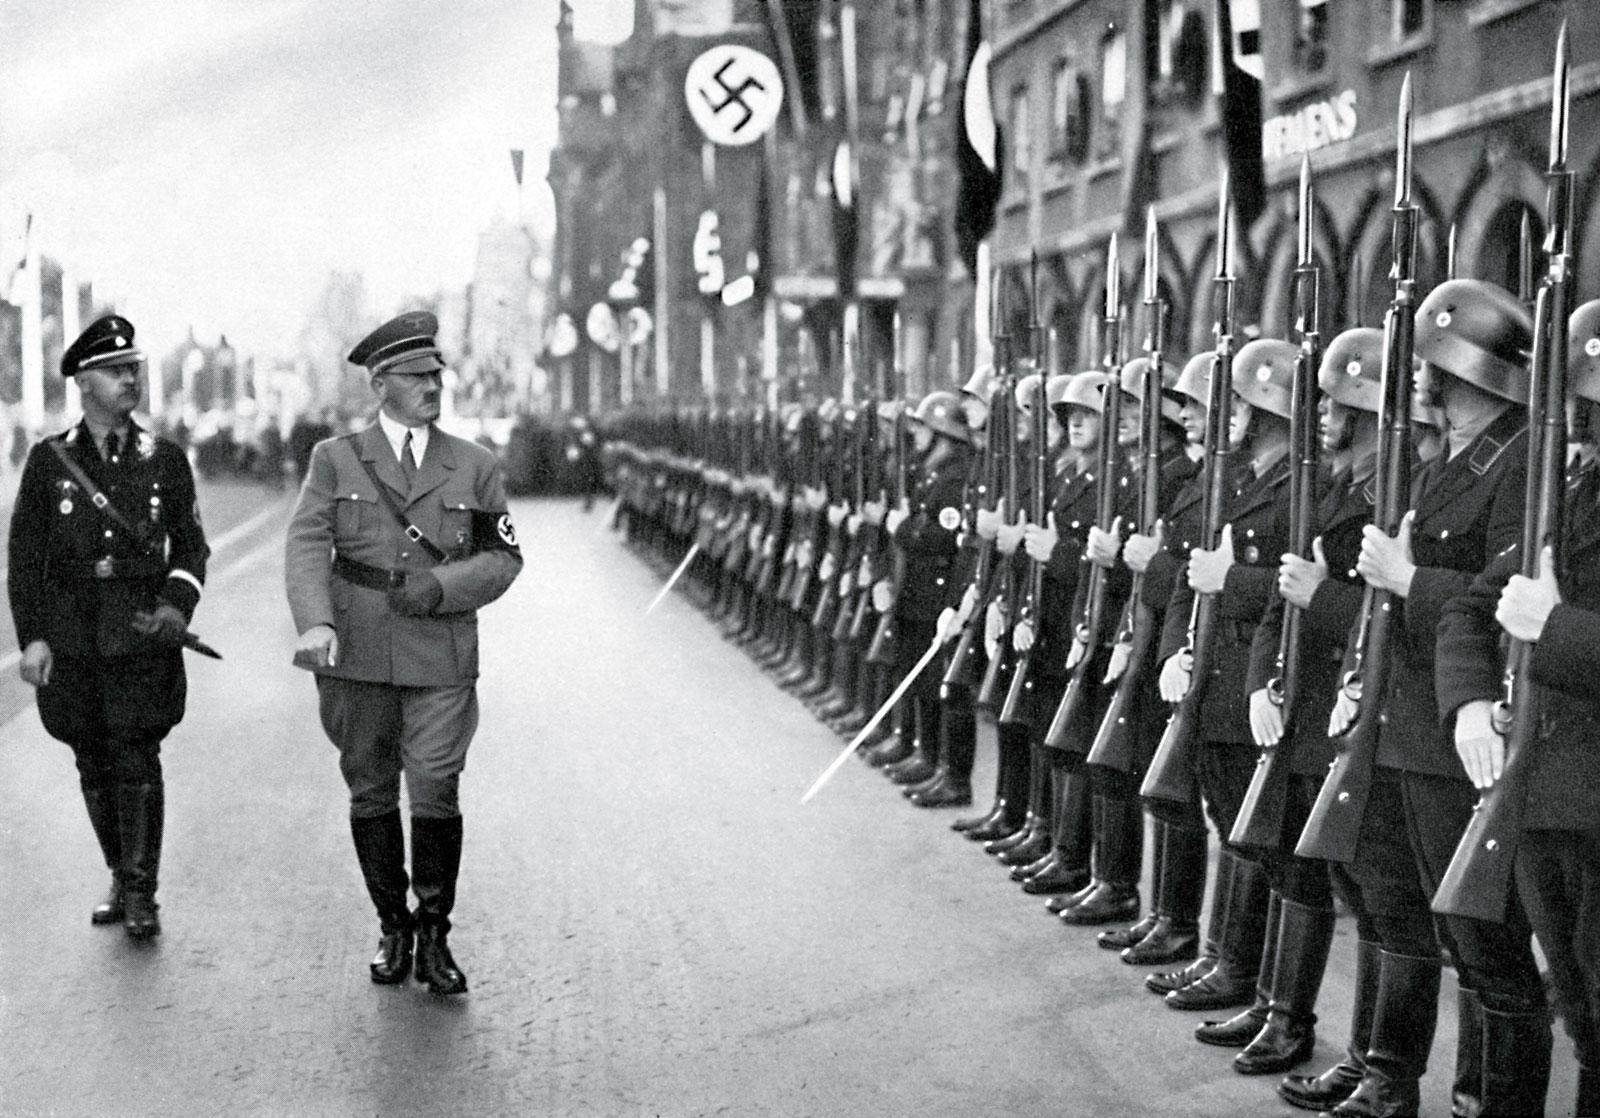 1 septembrie 1939: începutul Celui De-Al Doilea Război Mondial. Trupele lui Hitler invadează Polonia.